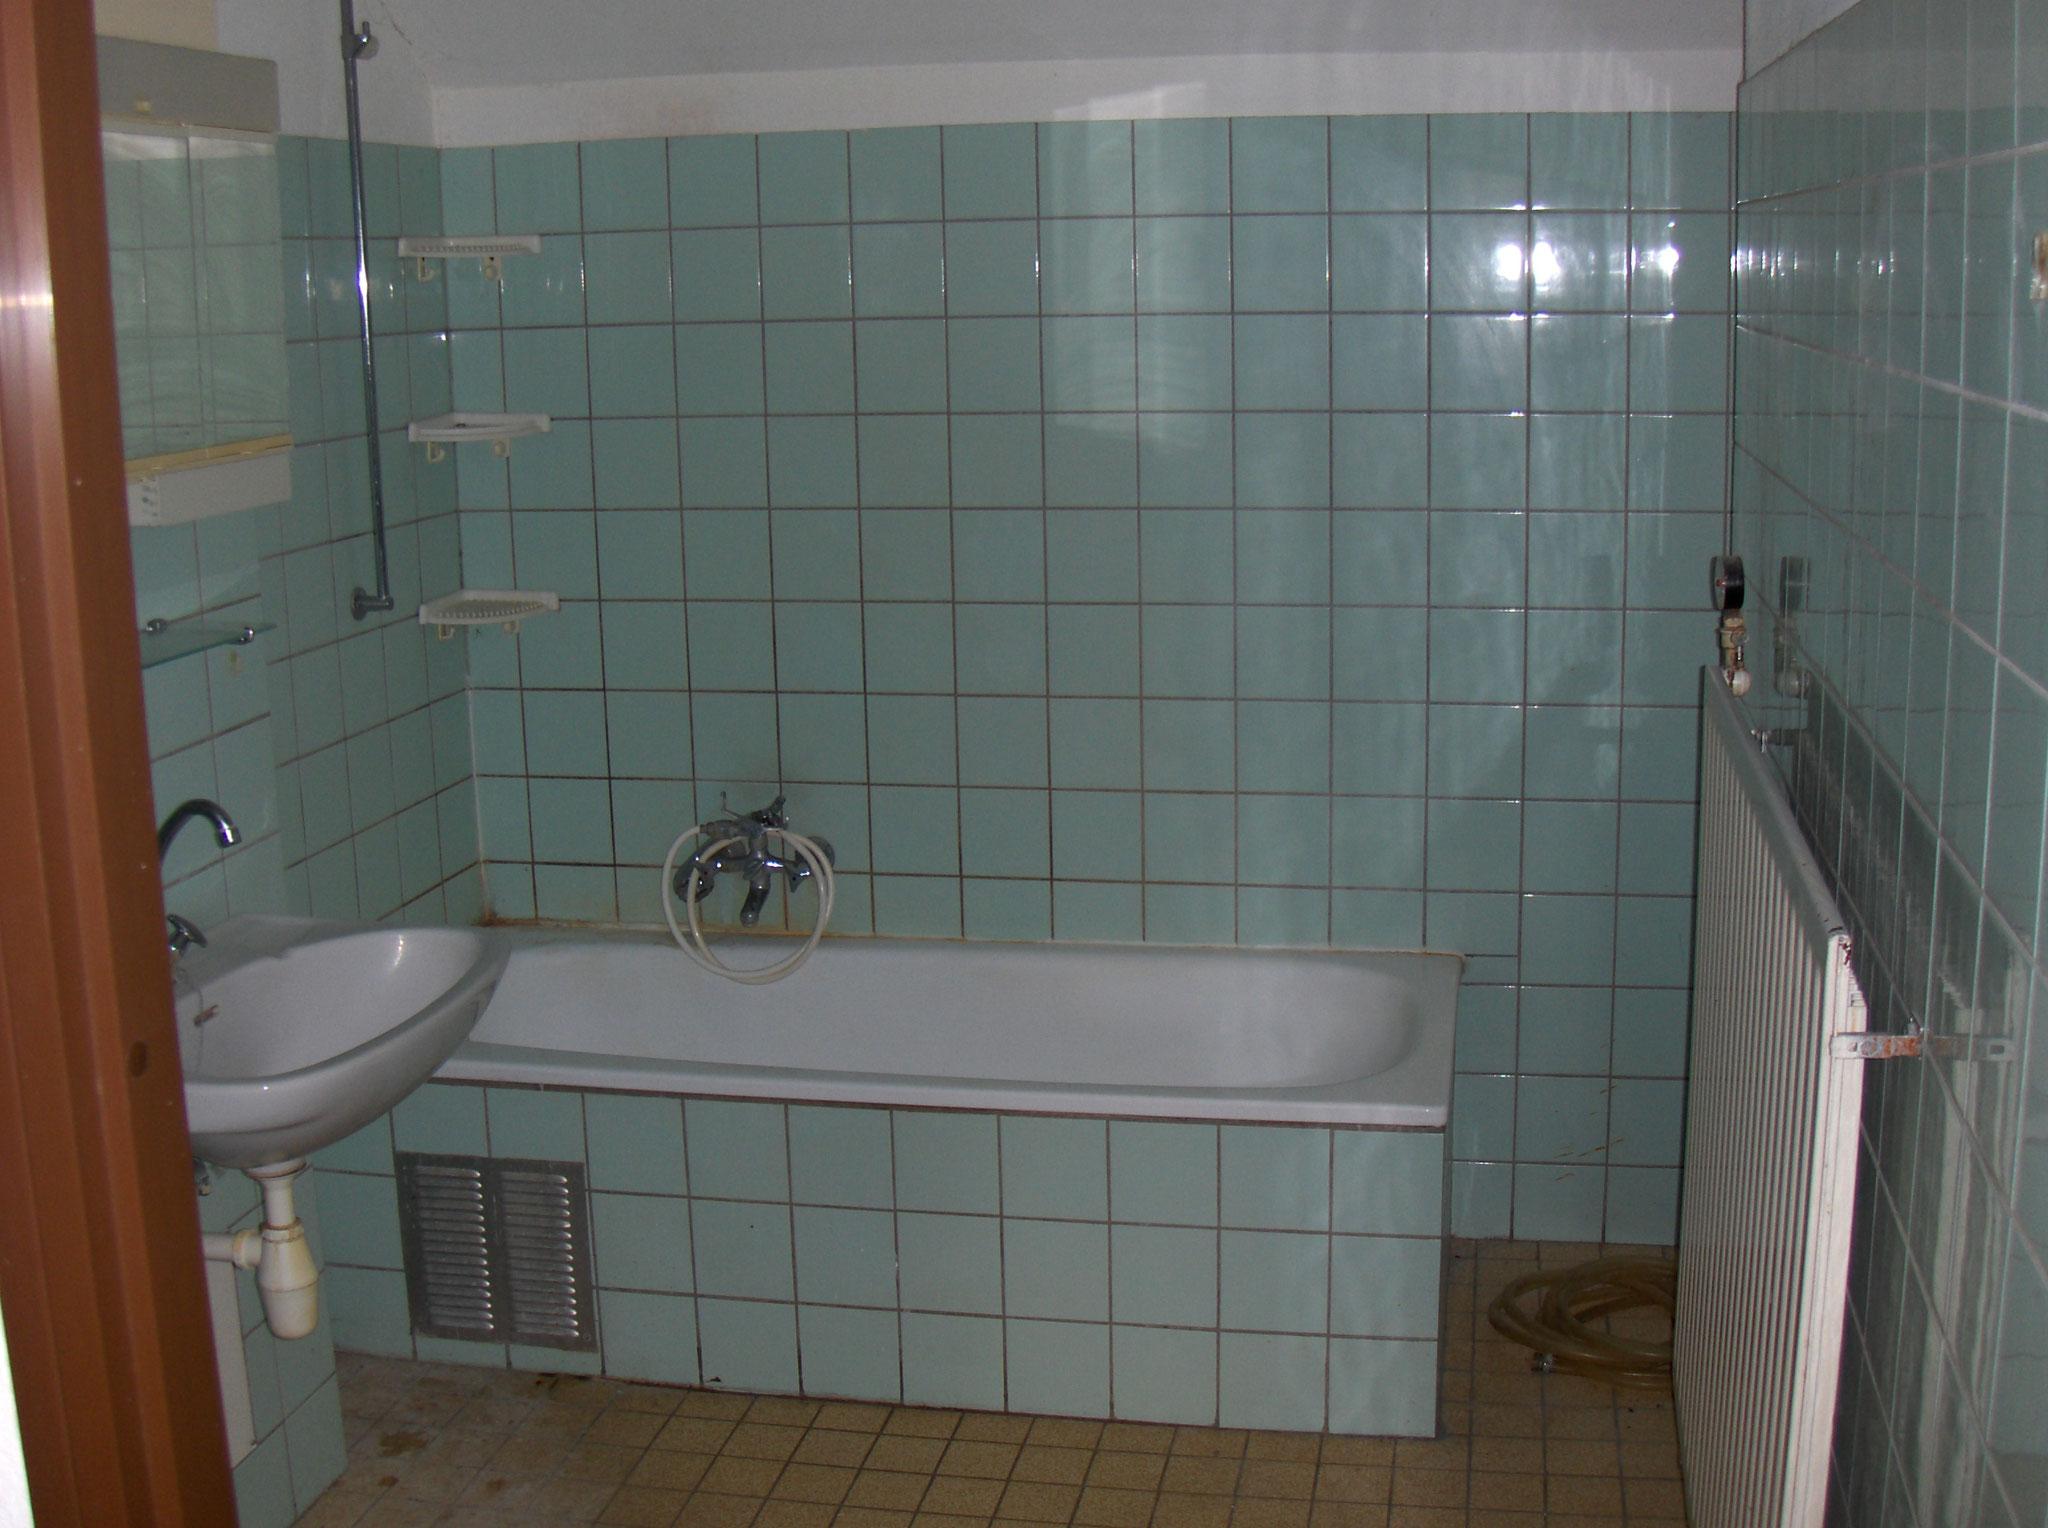 Renovatie Badkamer Knokke : Plaatsen dakkapel nieuwe badkamer te kwadendamme j f peeters zn